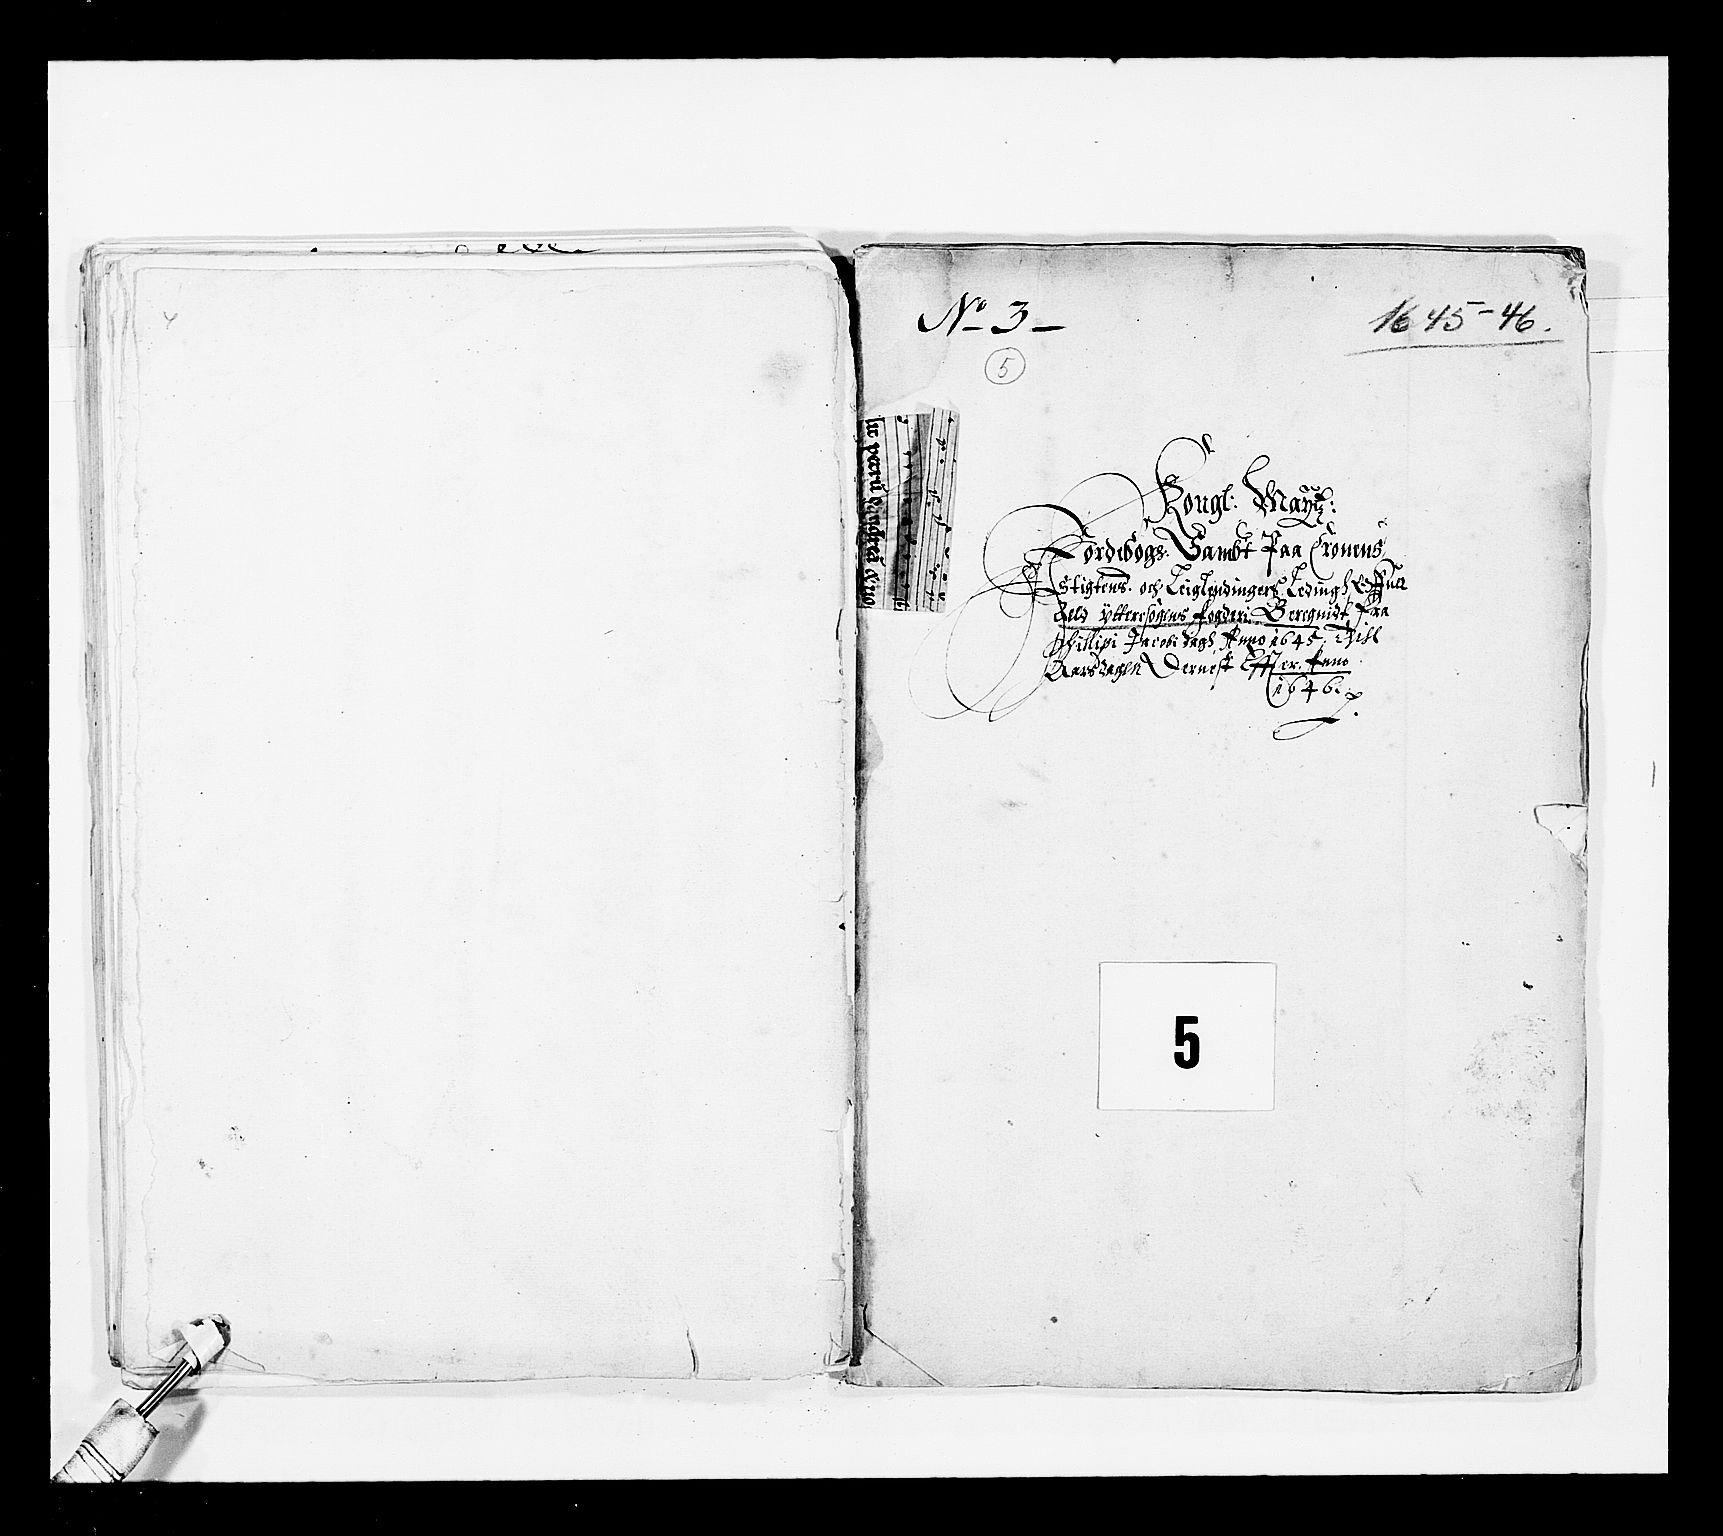 RA, Stattholderembetet 1572-1771, Ek/L0025: Jordebøker 1633-1658:, 1645-1646, s. 113